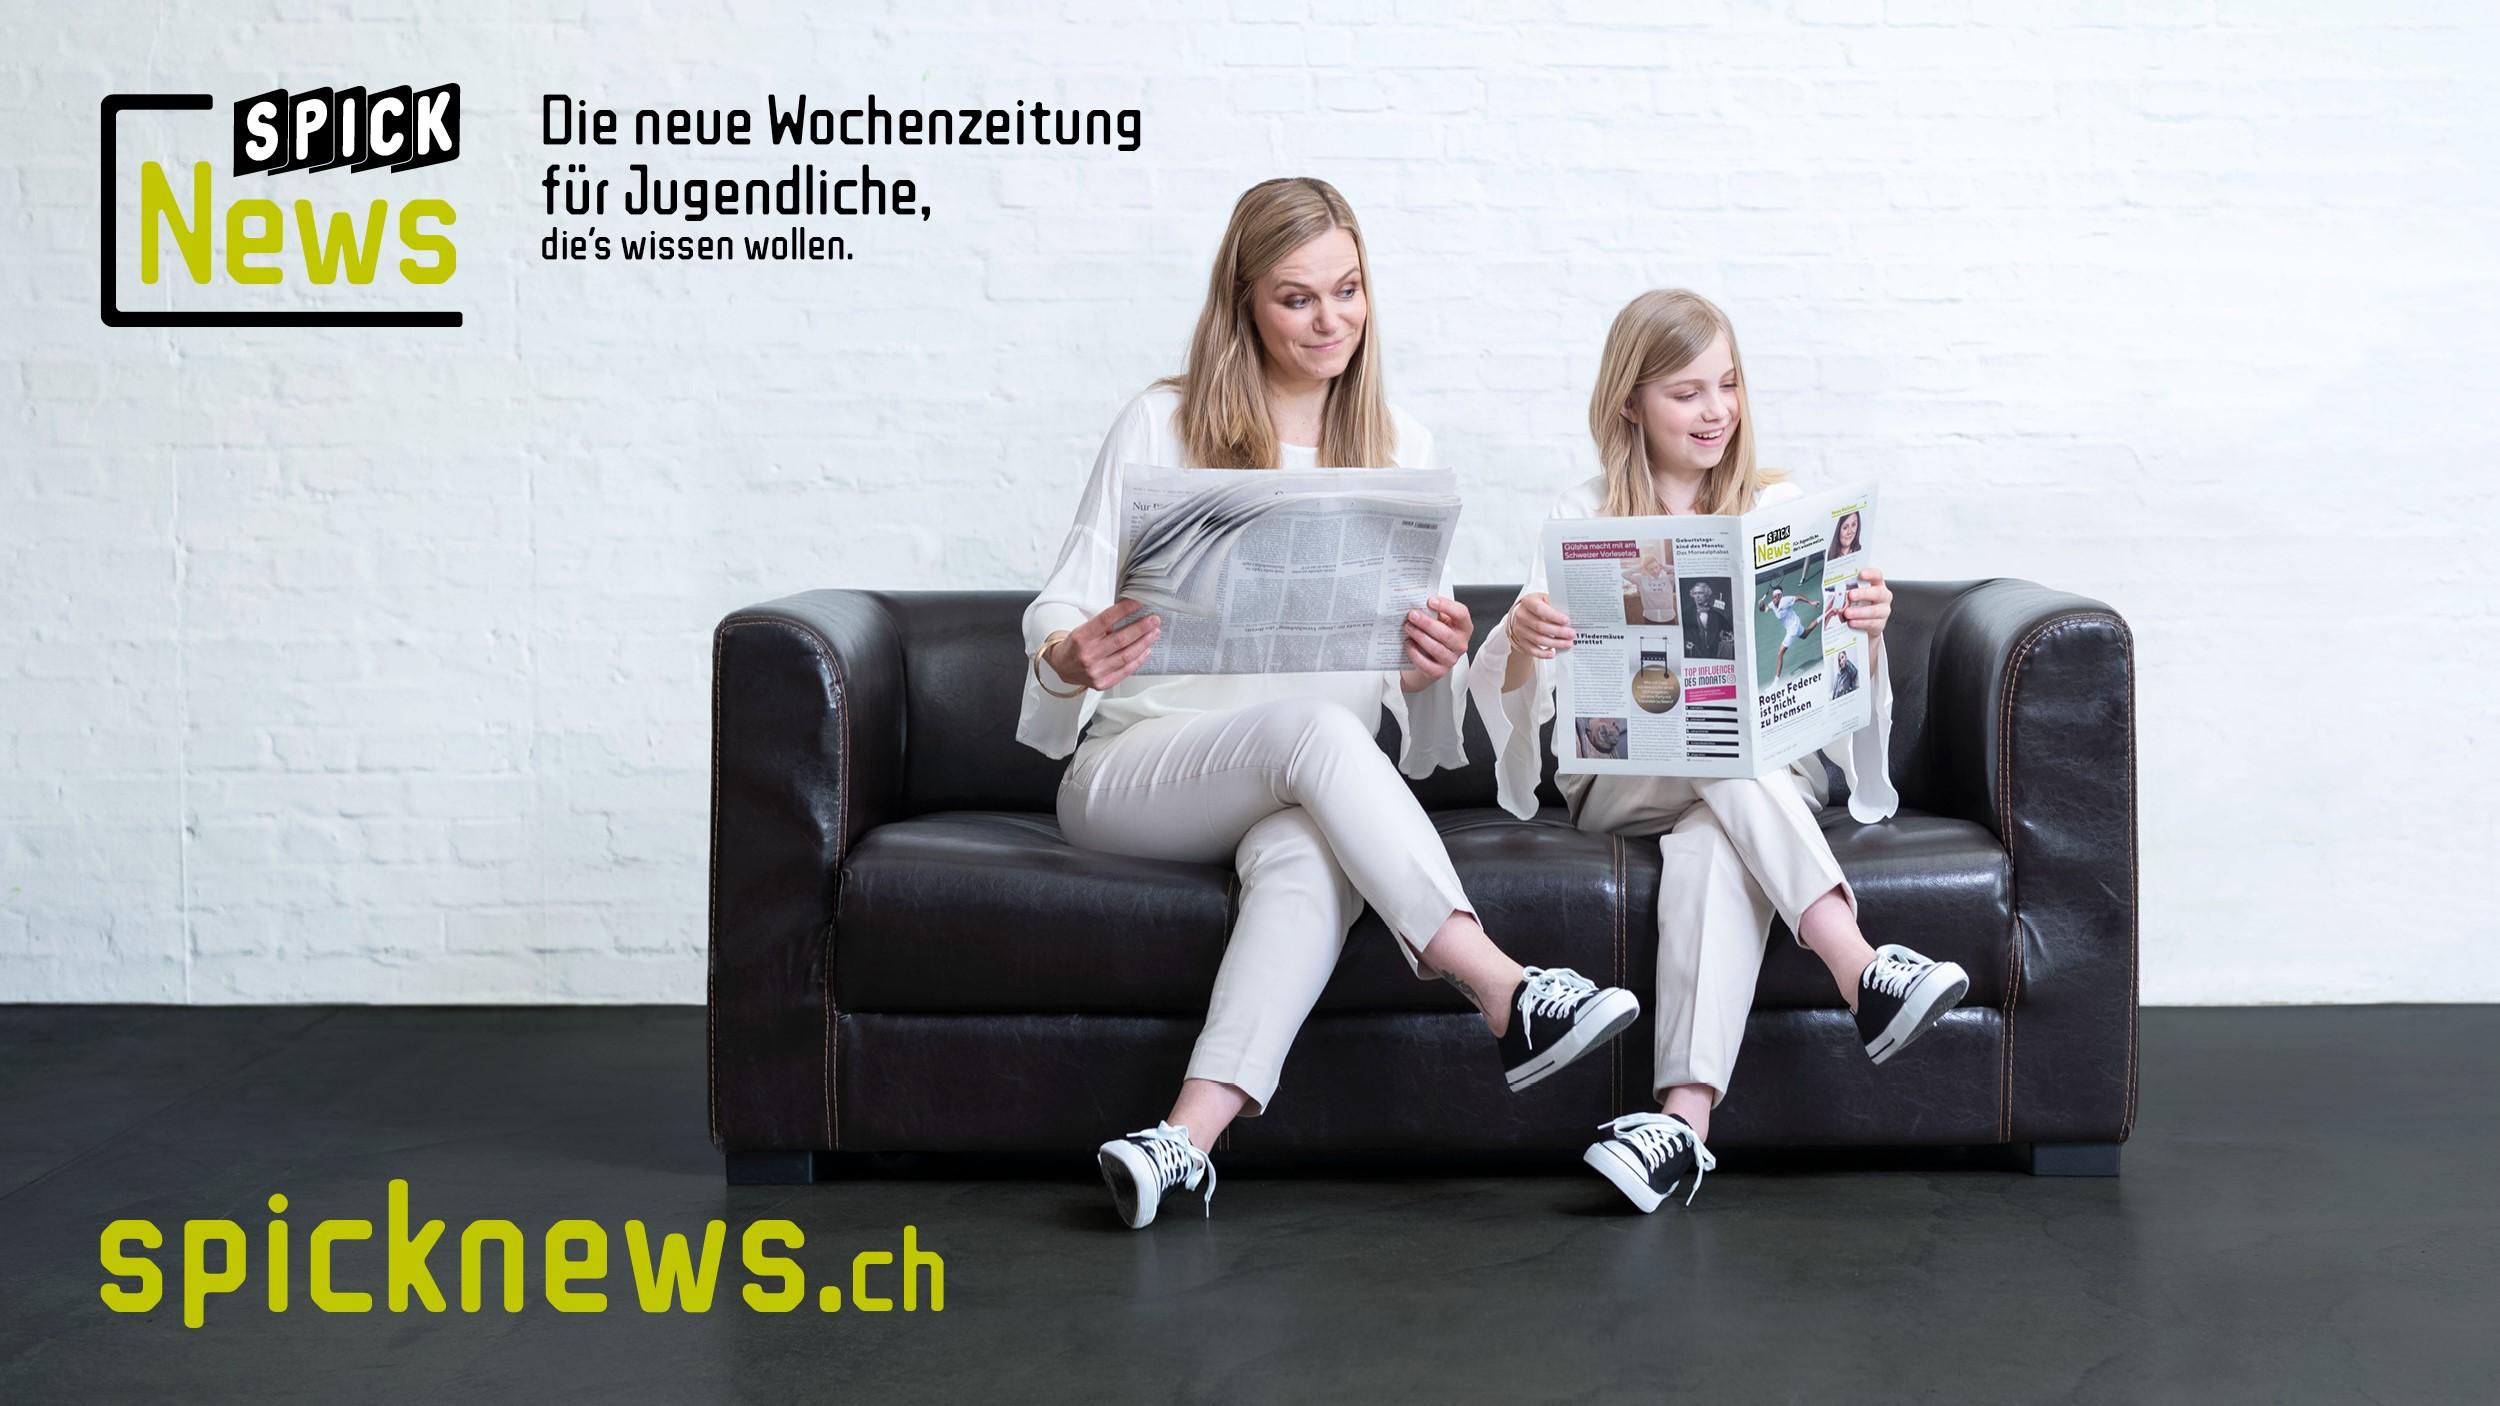 Klassensatz SPICK News